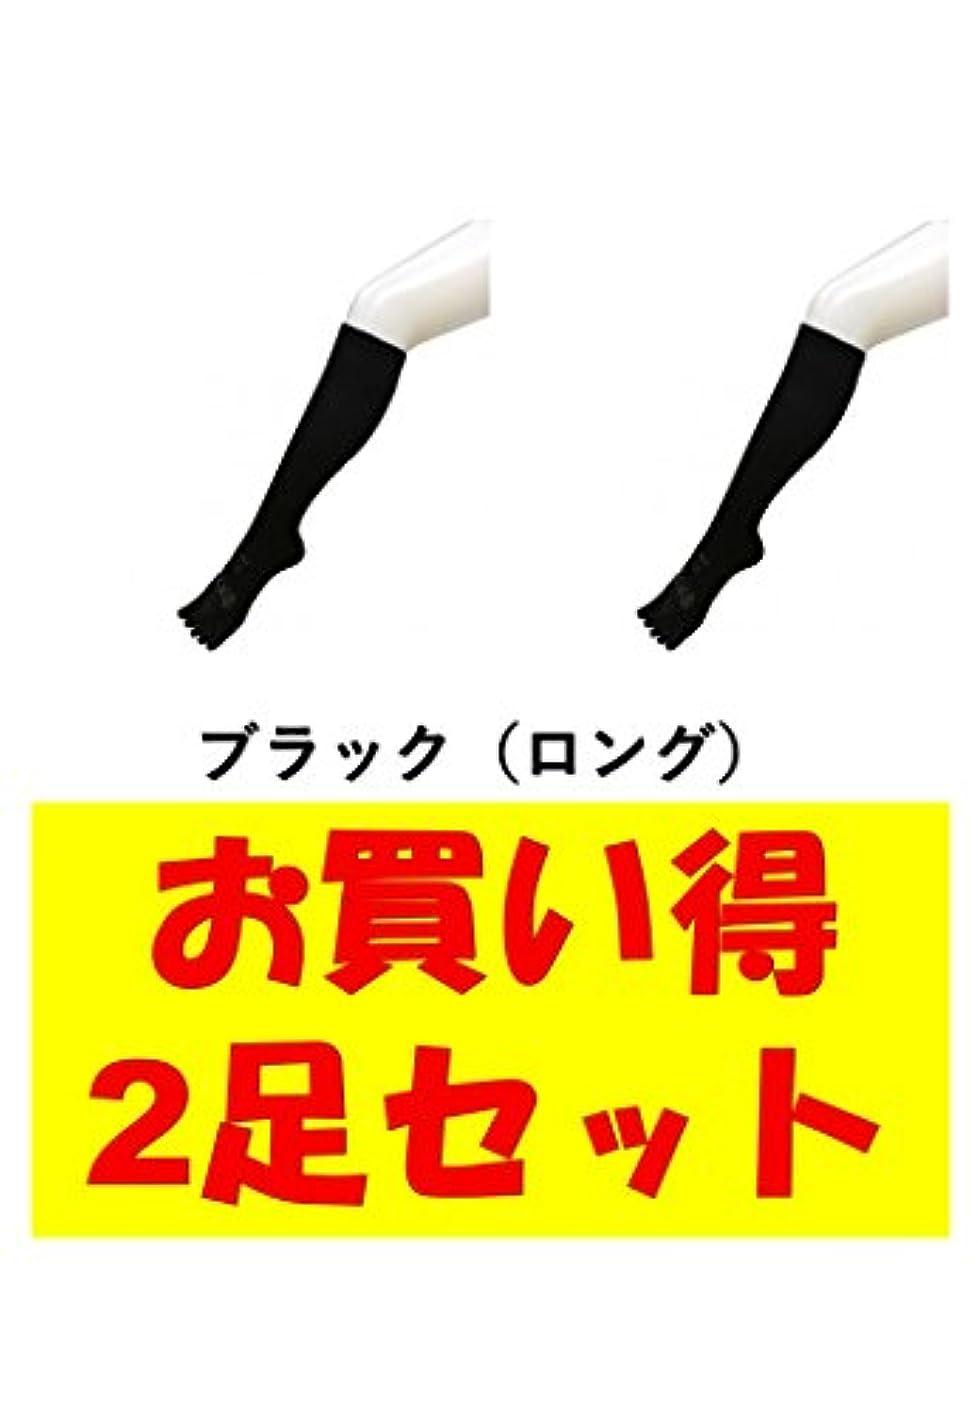 実験に付ける松の木お買い得2足セット 5本指 ゆびのばソックス ゆびのばロング ブラック 男性用 25.5cm-28.0cm HSLONG-BLK